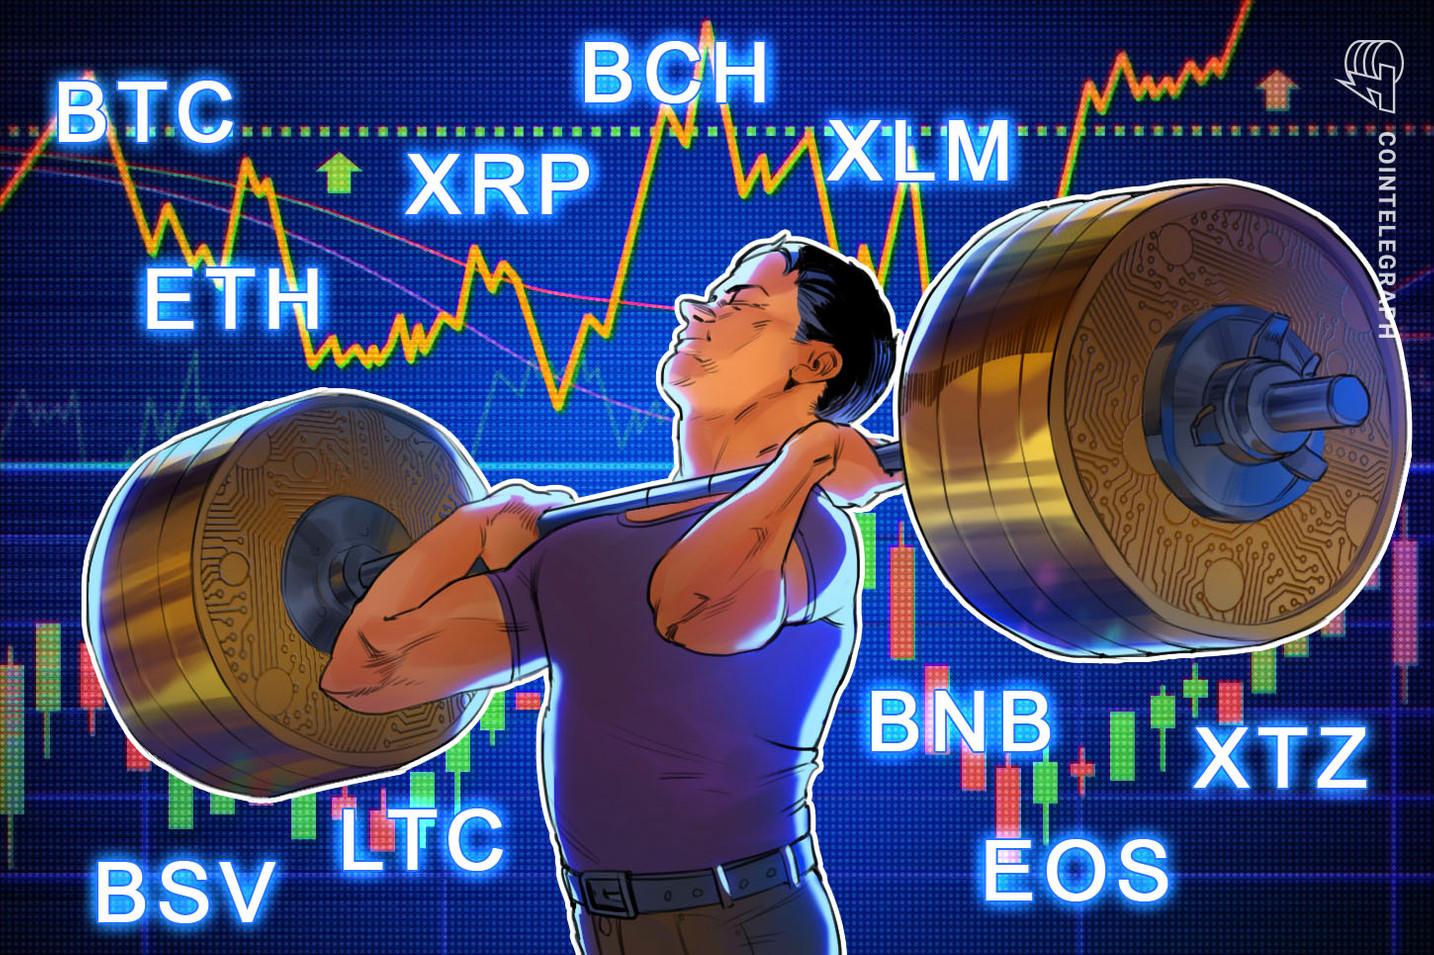 Análisis de precios del 5/1: BTC, ETH, XRP, BCH, BSV, LTC, BNB, EOS, XTZ, XLM